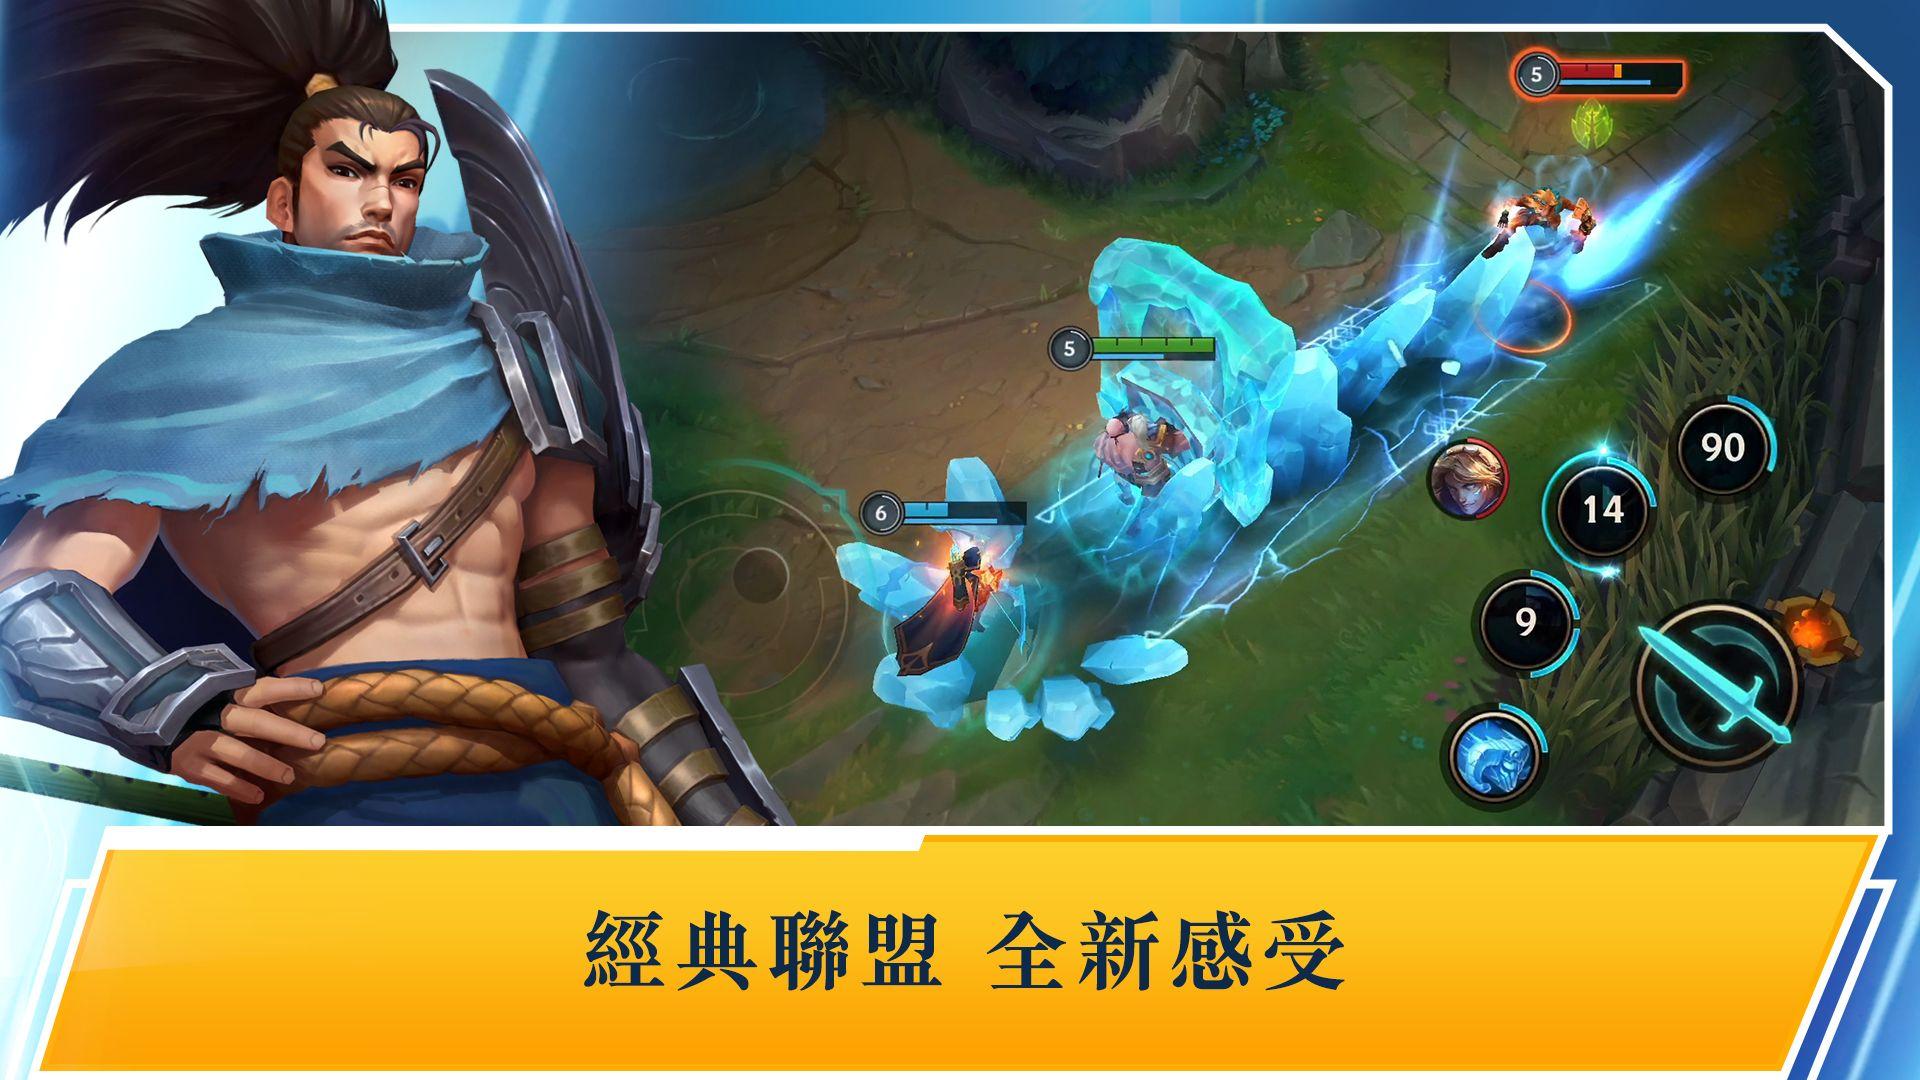 英雄联盟:激斗峡谷(台服 LOL:Wild Rift) 游戏截图1